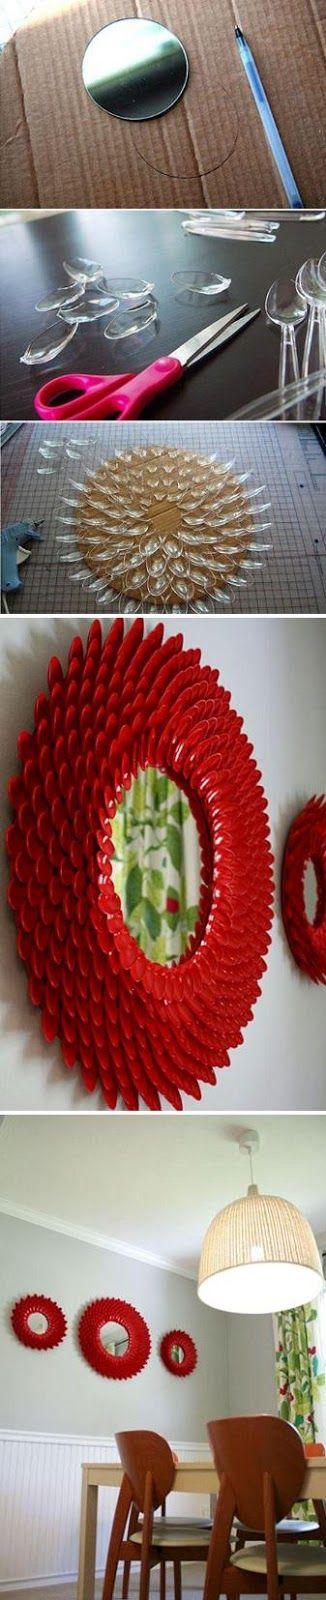 Vâmo Lá em Casa: Como Fazer uma Moldura de Espelho com Colheres de Plástico